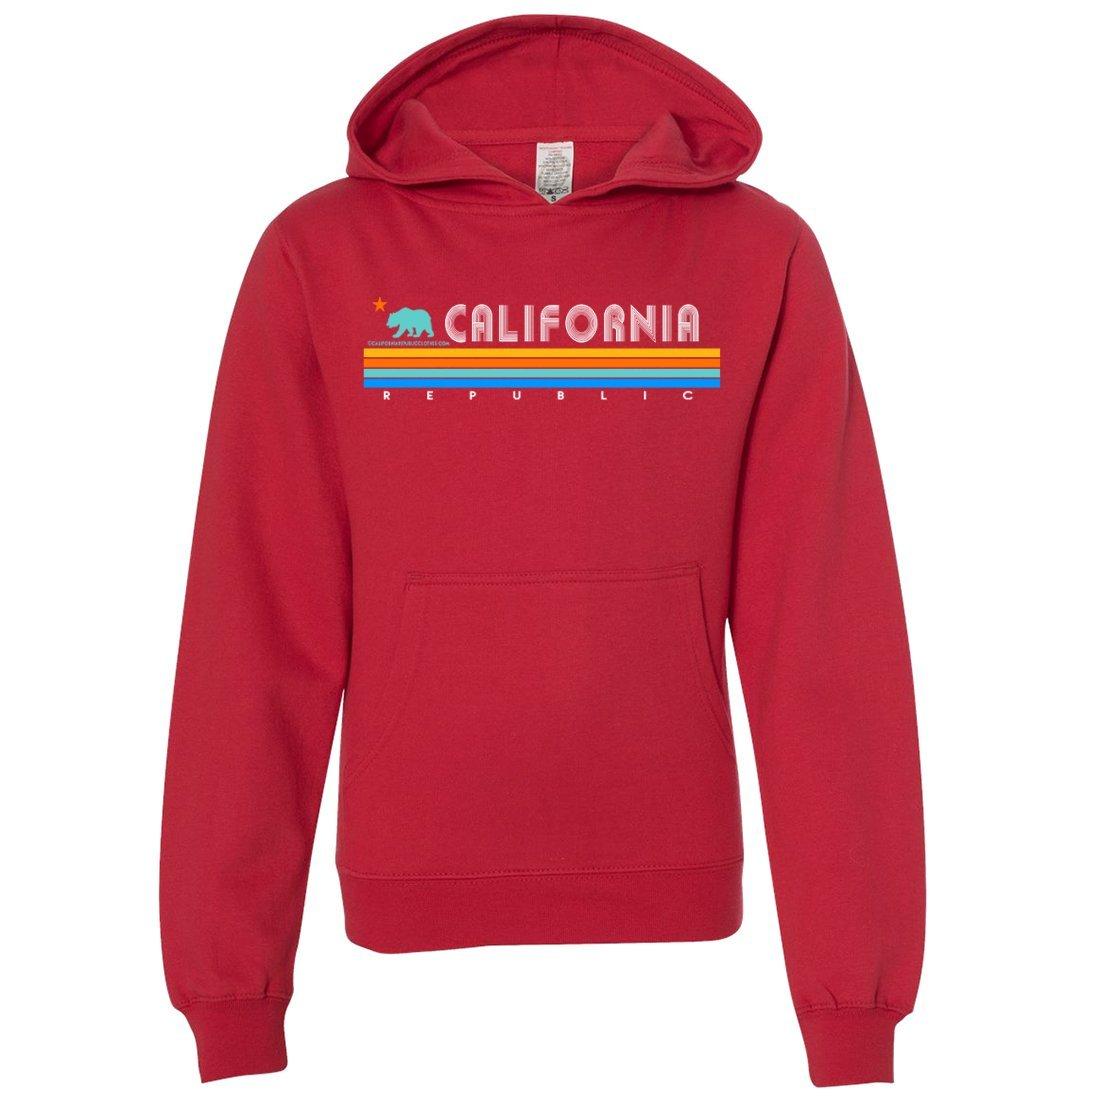 California Republic Vintage Stripe Youth Sweatshirt Hoodie